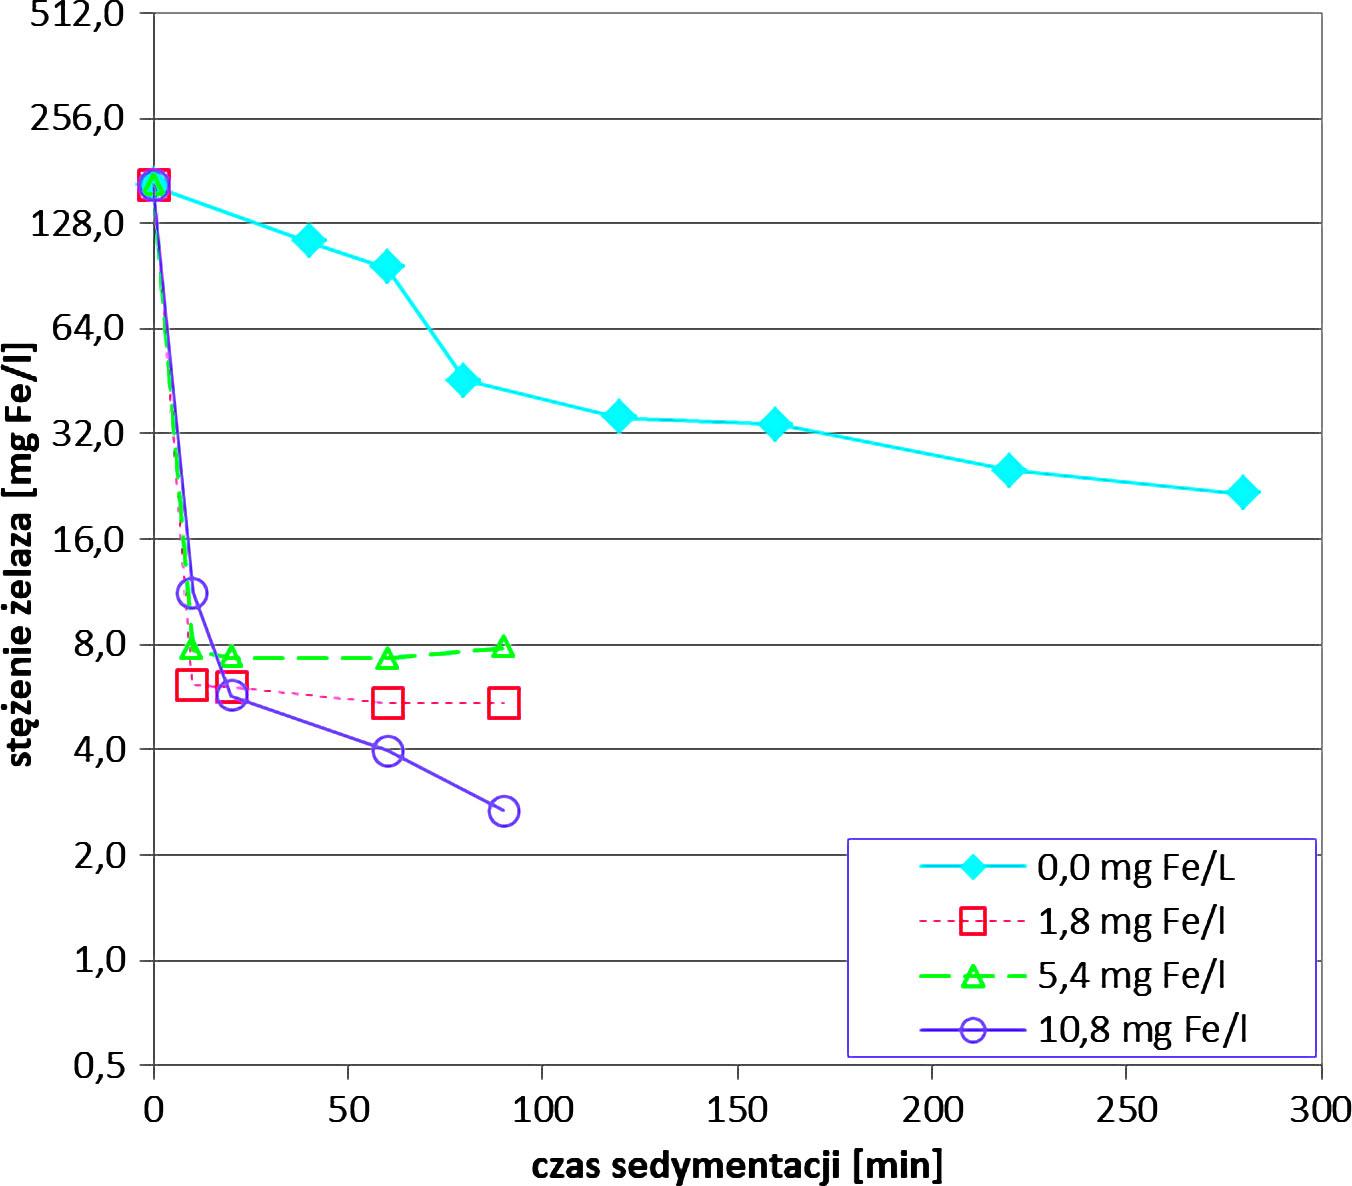 Rys. 1 a. Zmiany stężenia żelaza (a) i mętności (b) w czasie sedymentacji popłuczyn (pobór 1) po koagulacji z użyciem różnych dawek PIX-112